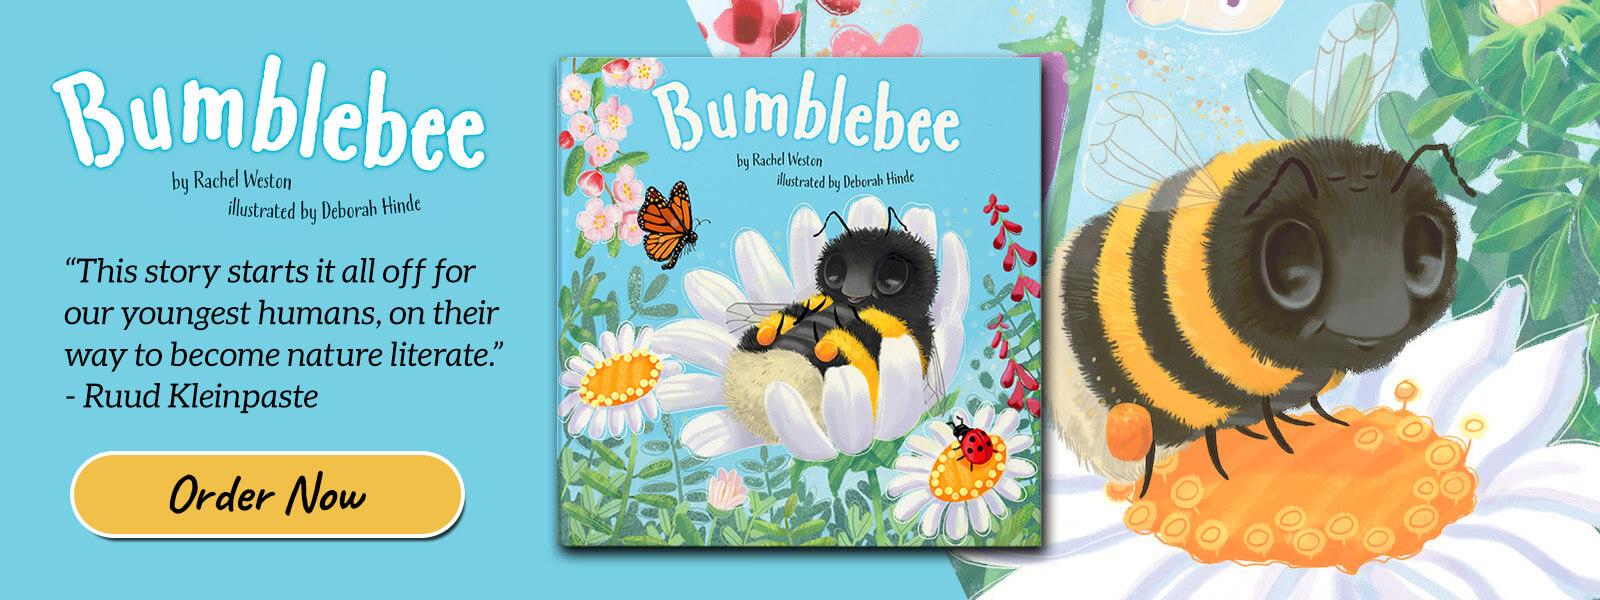 bumblebee book banner rachel weston